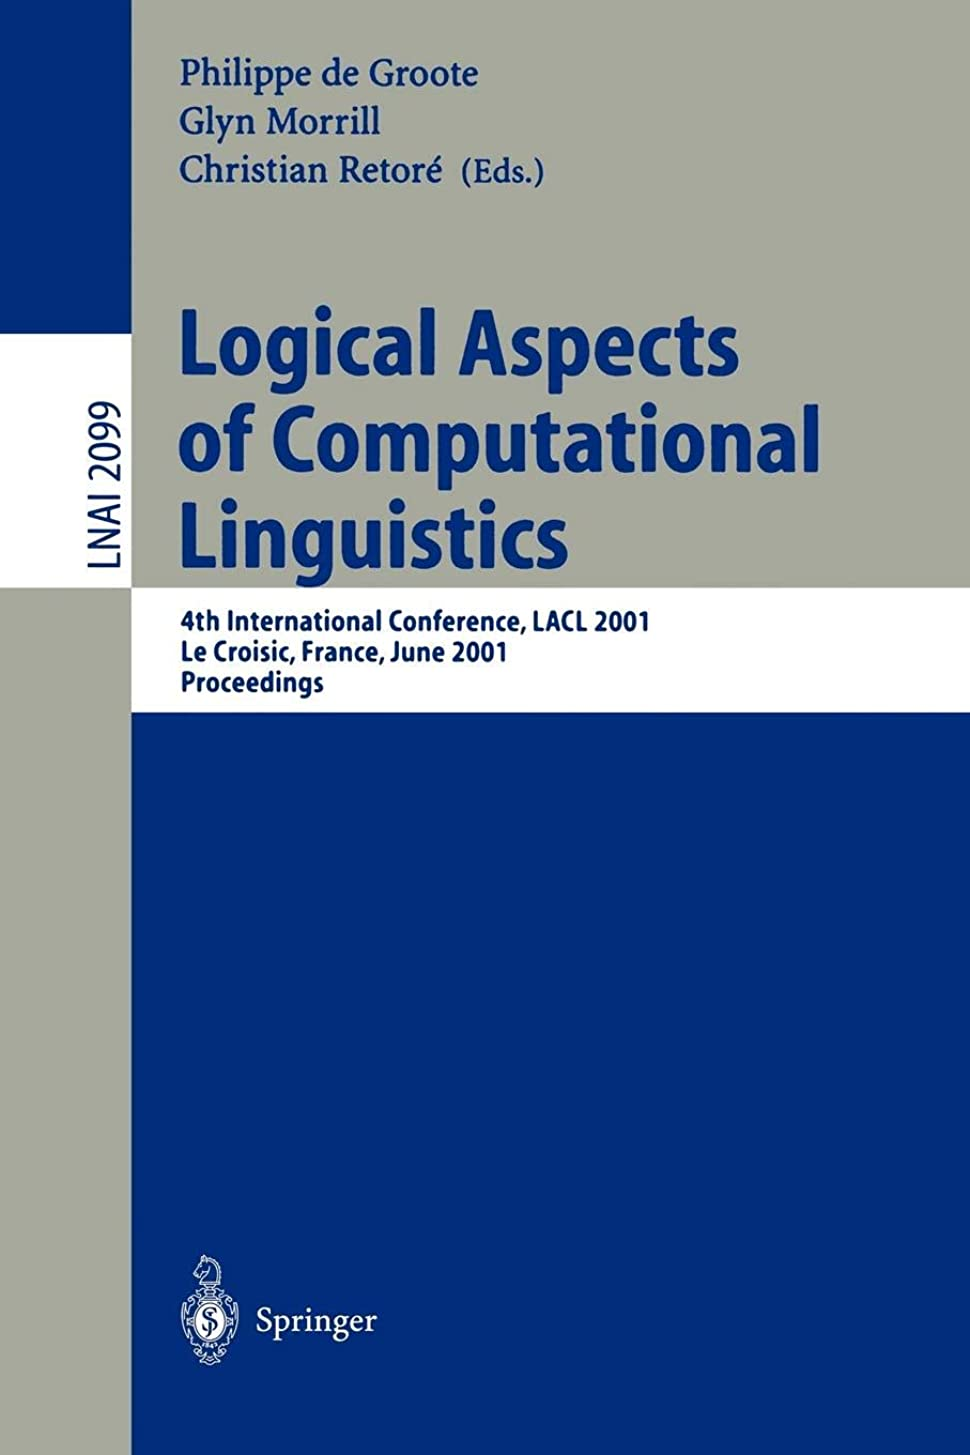 レイアナチュラル作動するLogical Aspects of Computational Linguistics: 4th International Conference, LACL 2001, Le Croisic, France, June 27-29, 2001, Proceedings (Lecture Notes in Computer Science)